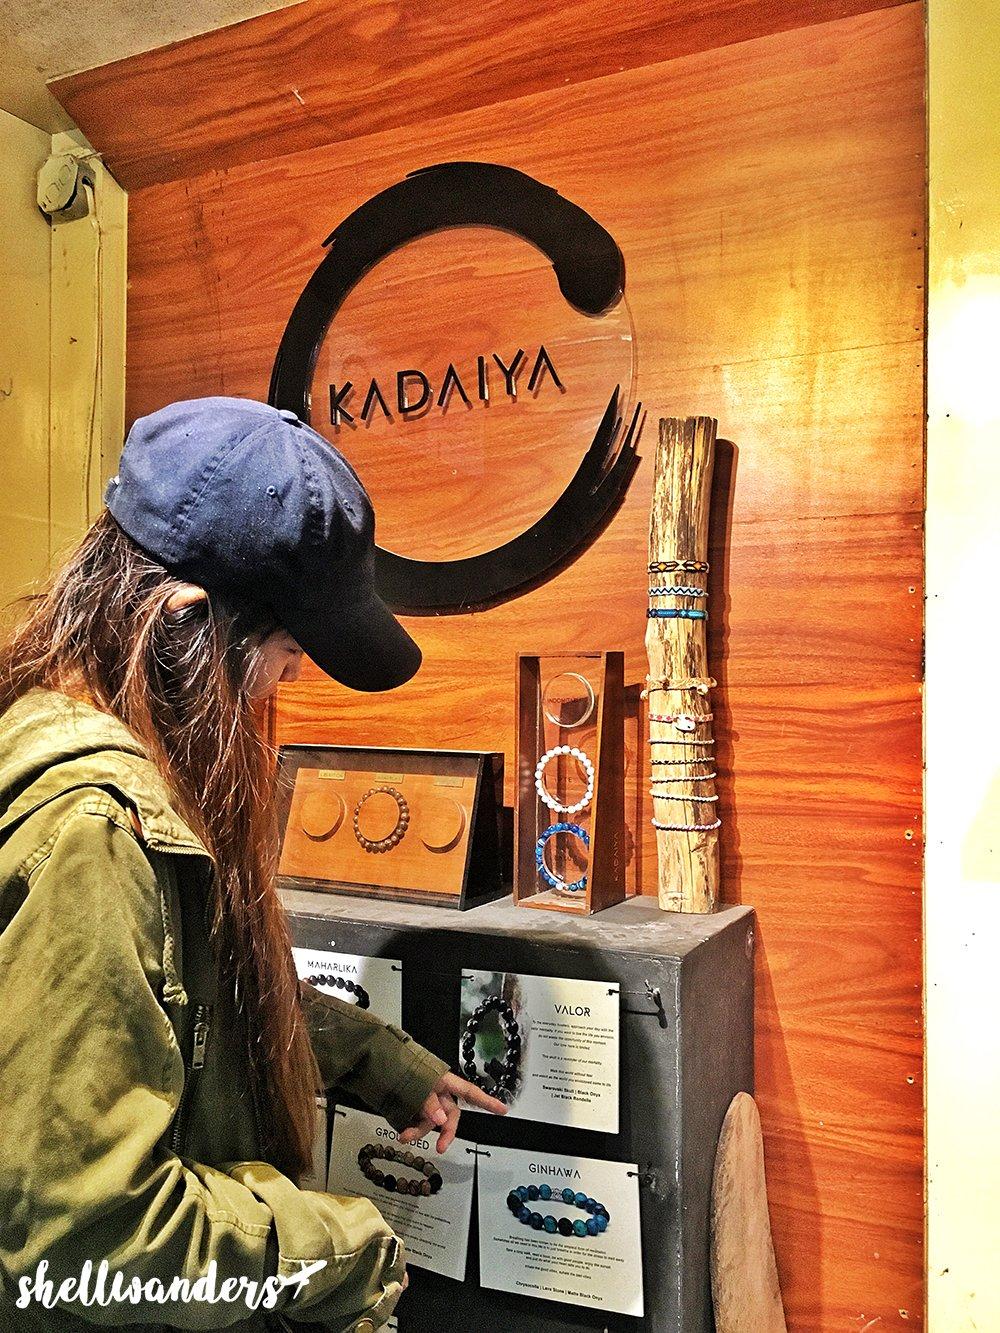 INSIDE KADAIYA SHOP